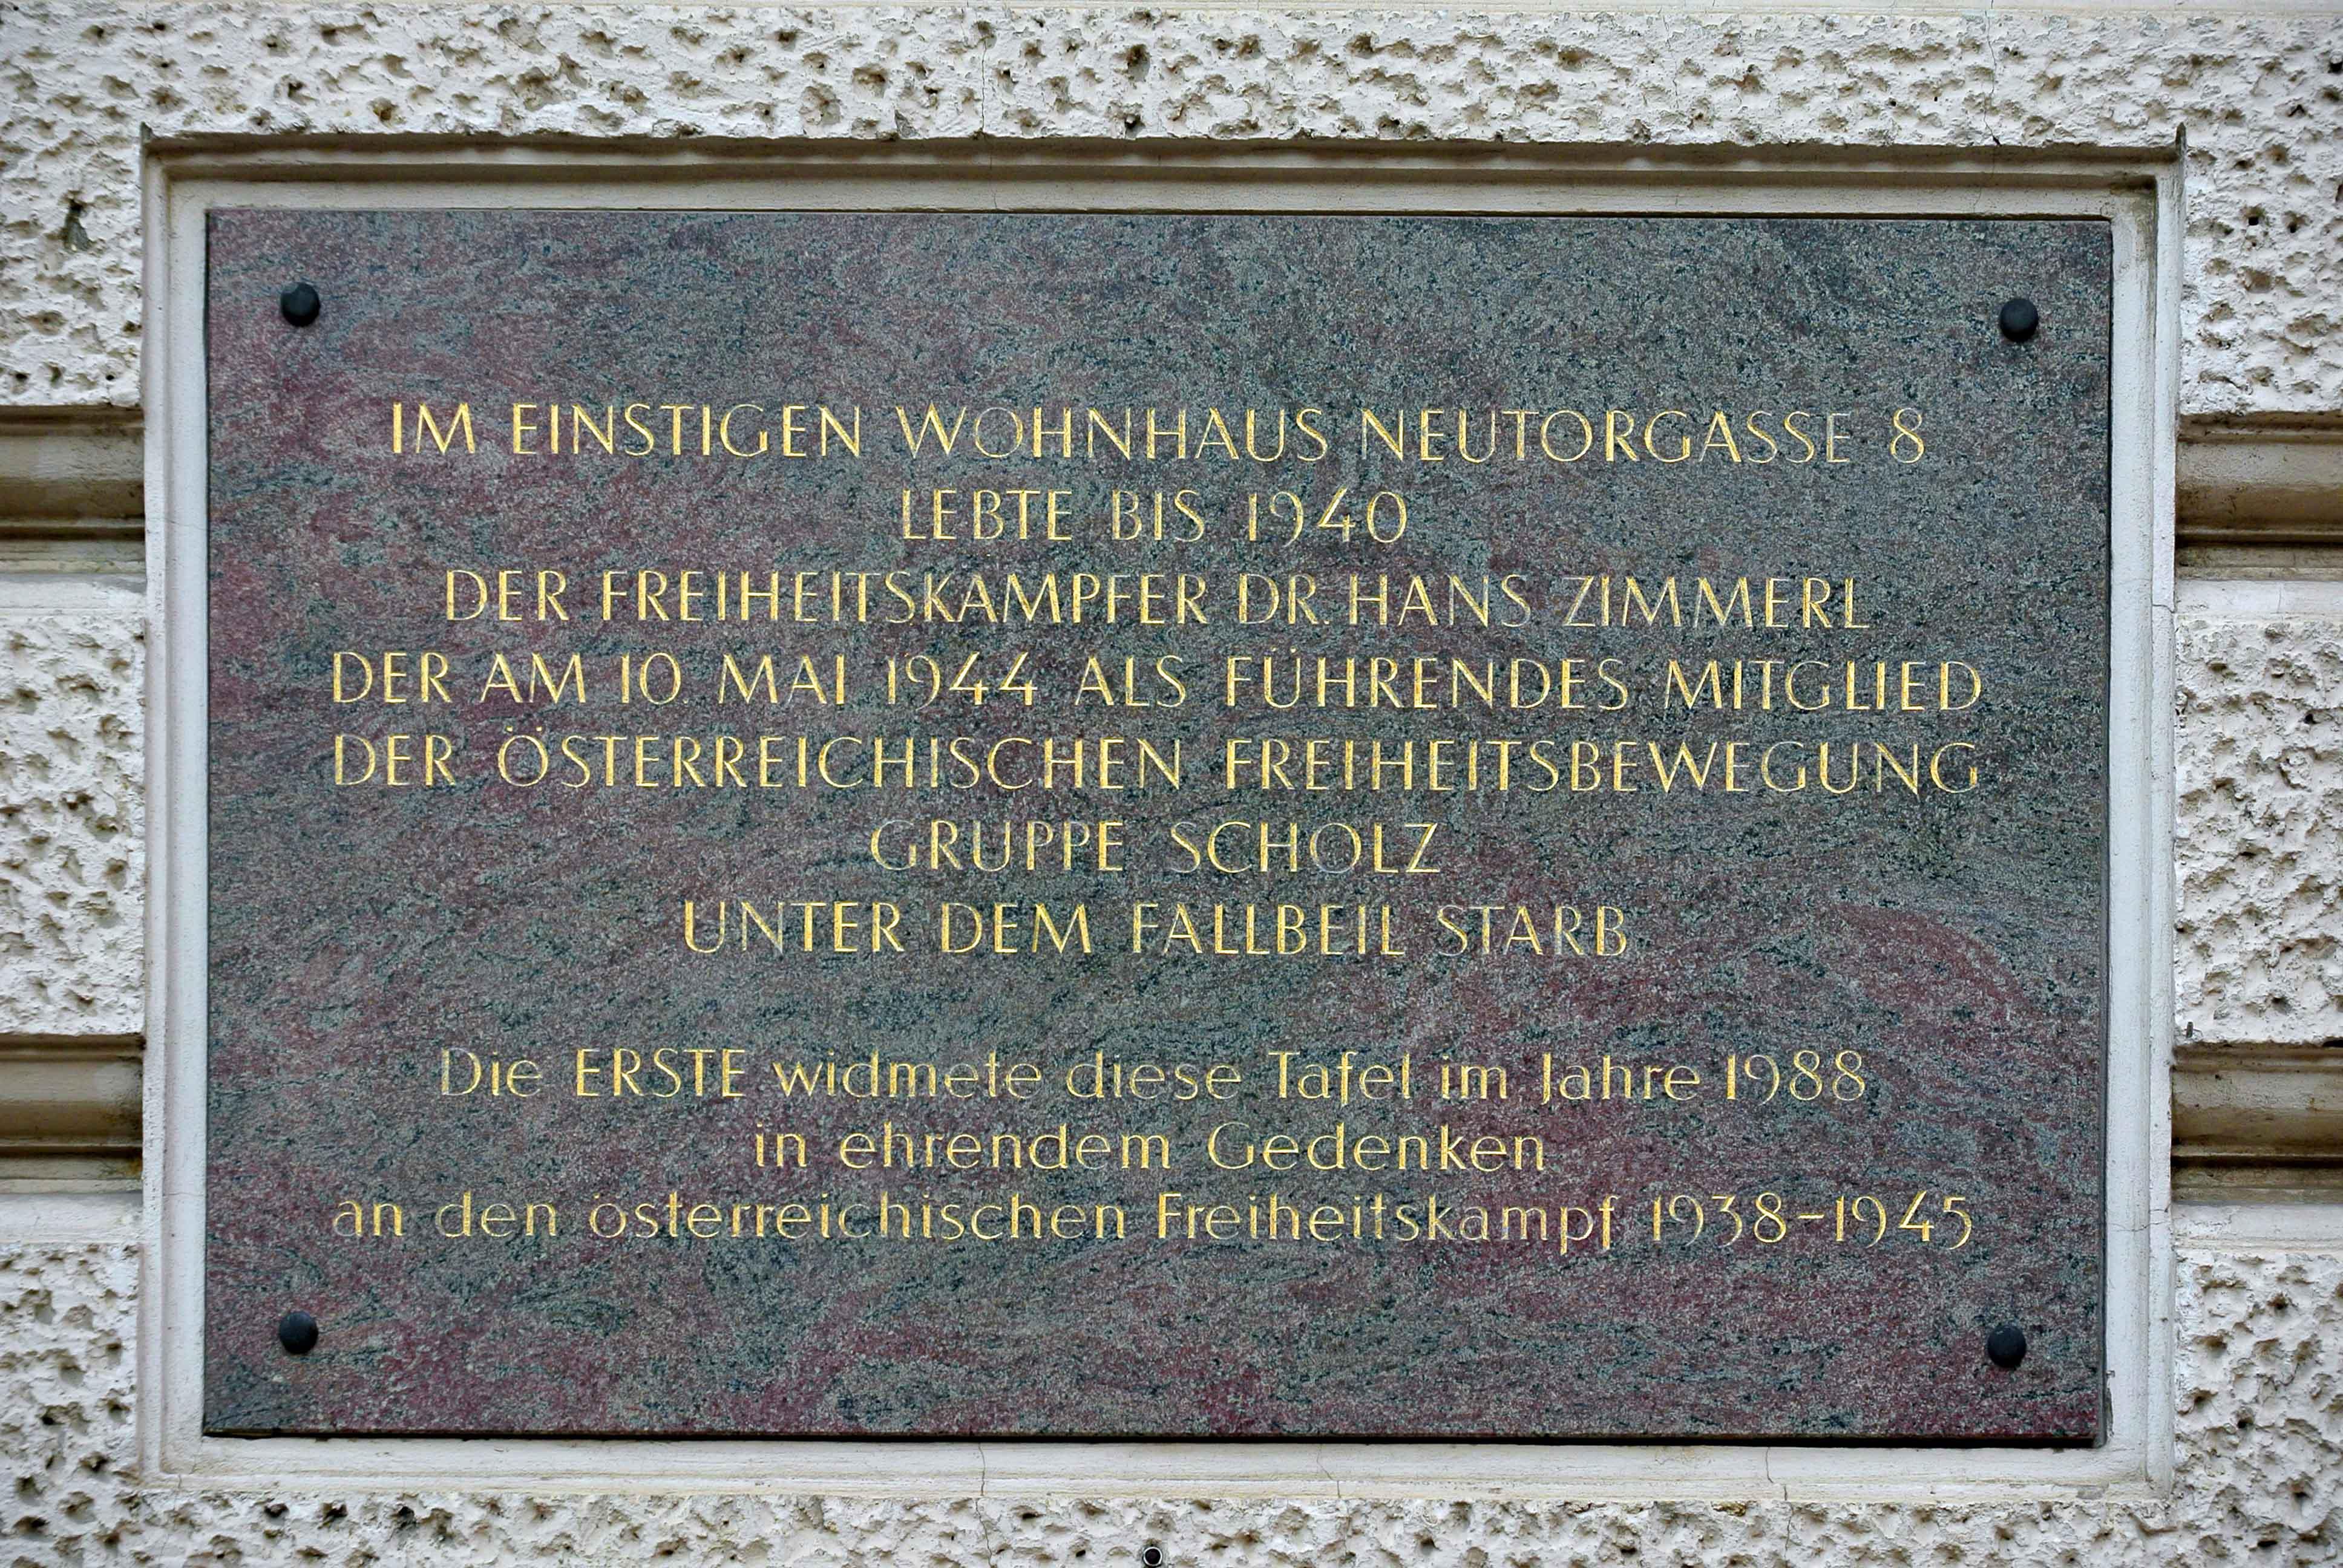 Hans Zimmerl, Gedenktafel Wien 1.,Neutorgasse 2 (viennpixelart).jpg